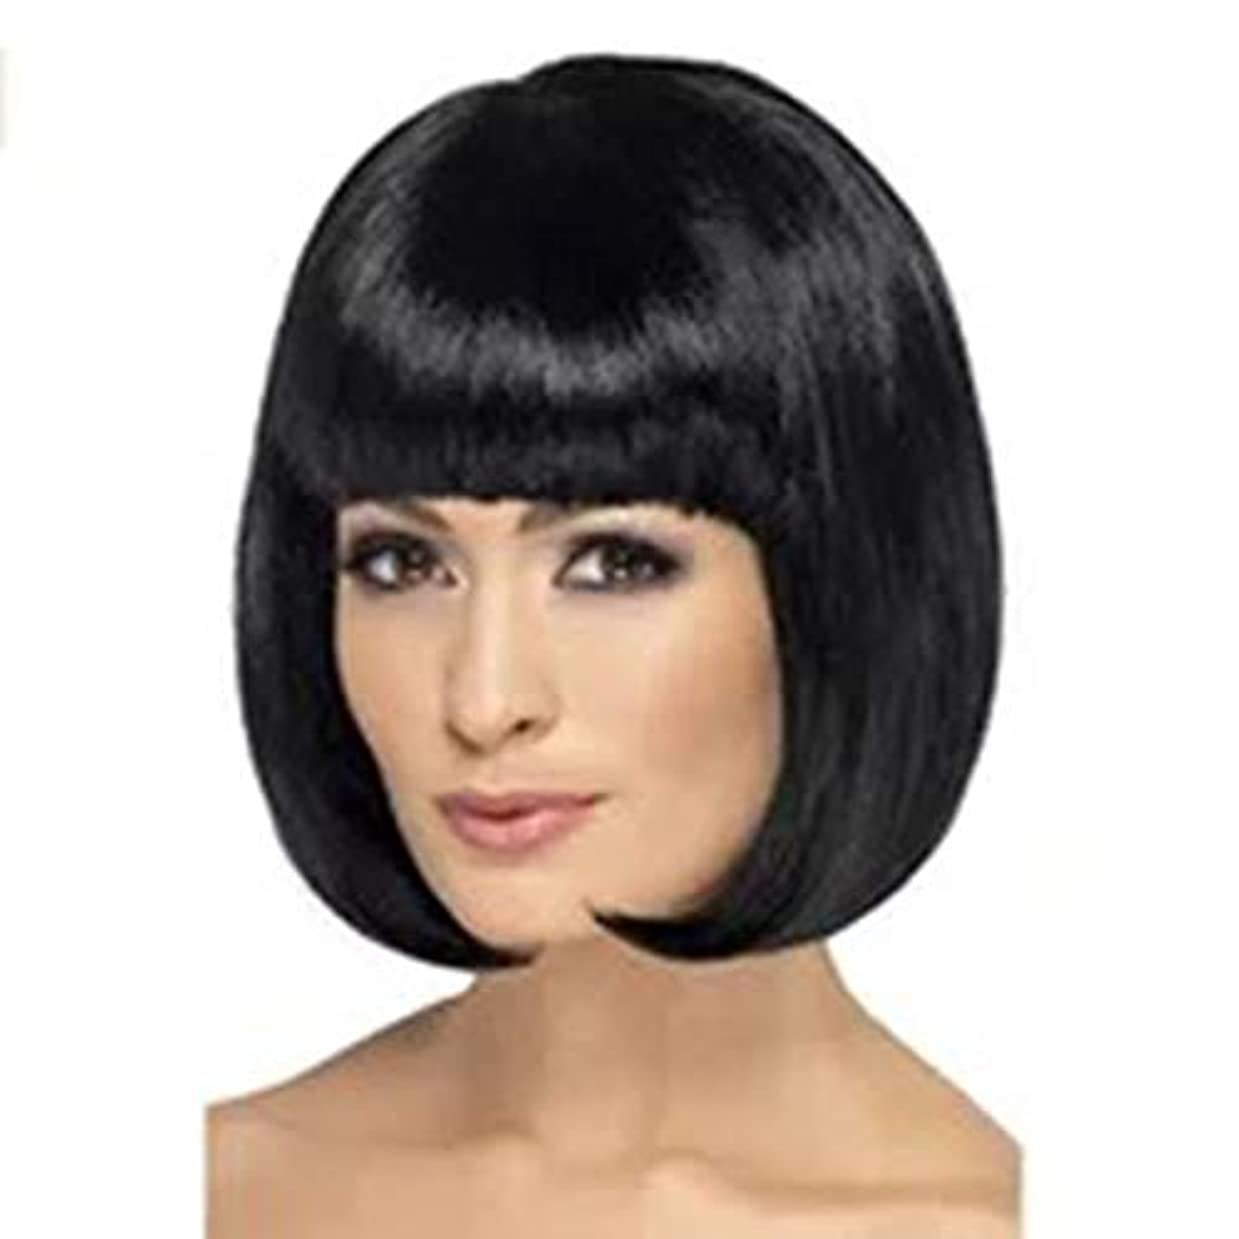 共産主義熱意シンクKerwinner ボブかつら女性のための平らな前髪ふわふわ自然耐熱交換かつら完全な合成かつら